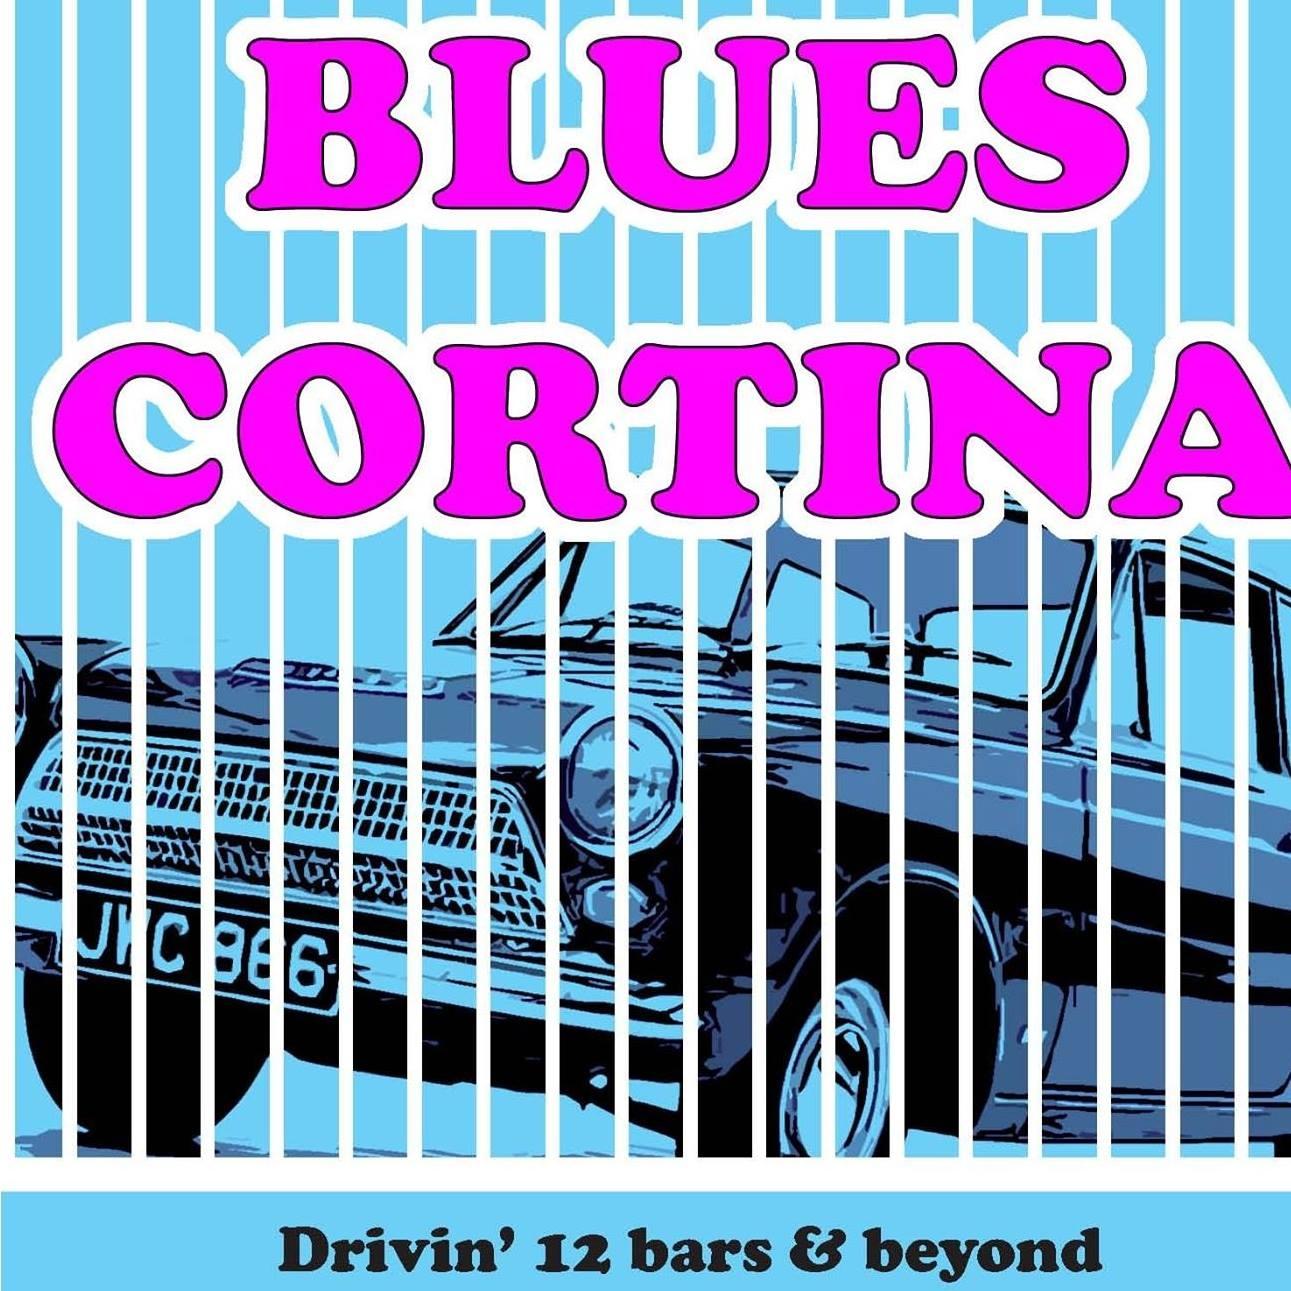 blues cortinaa.jpg